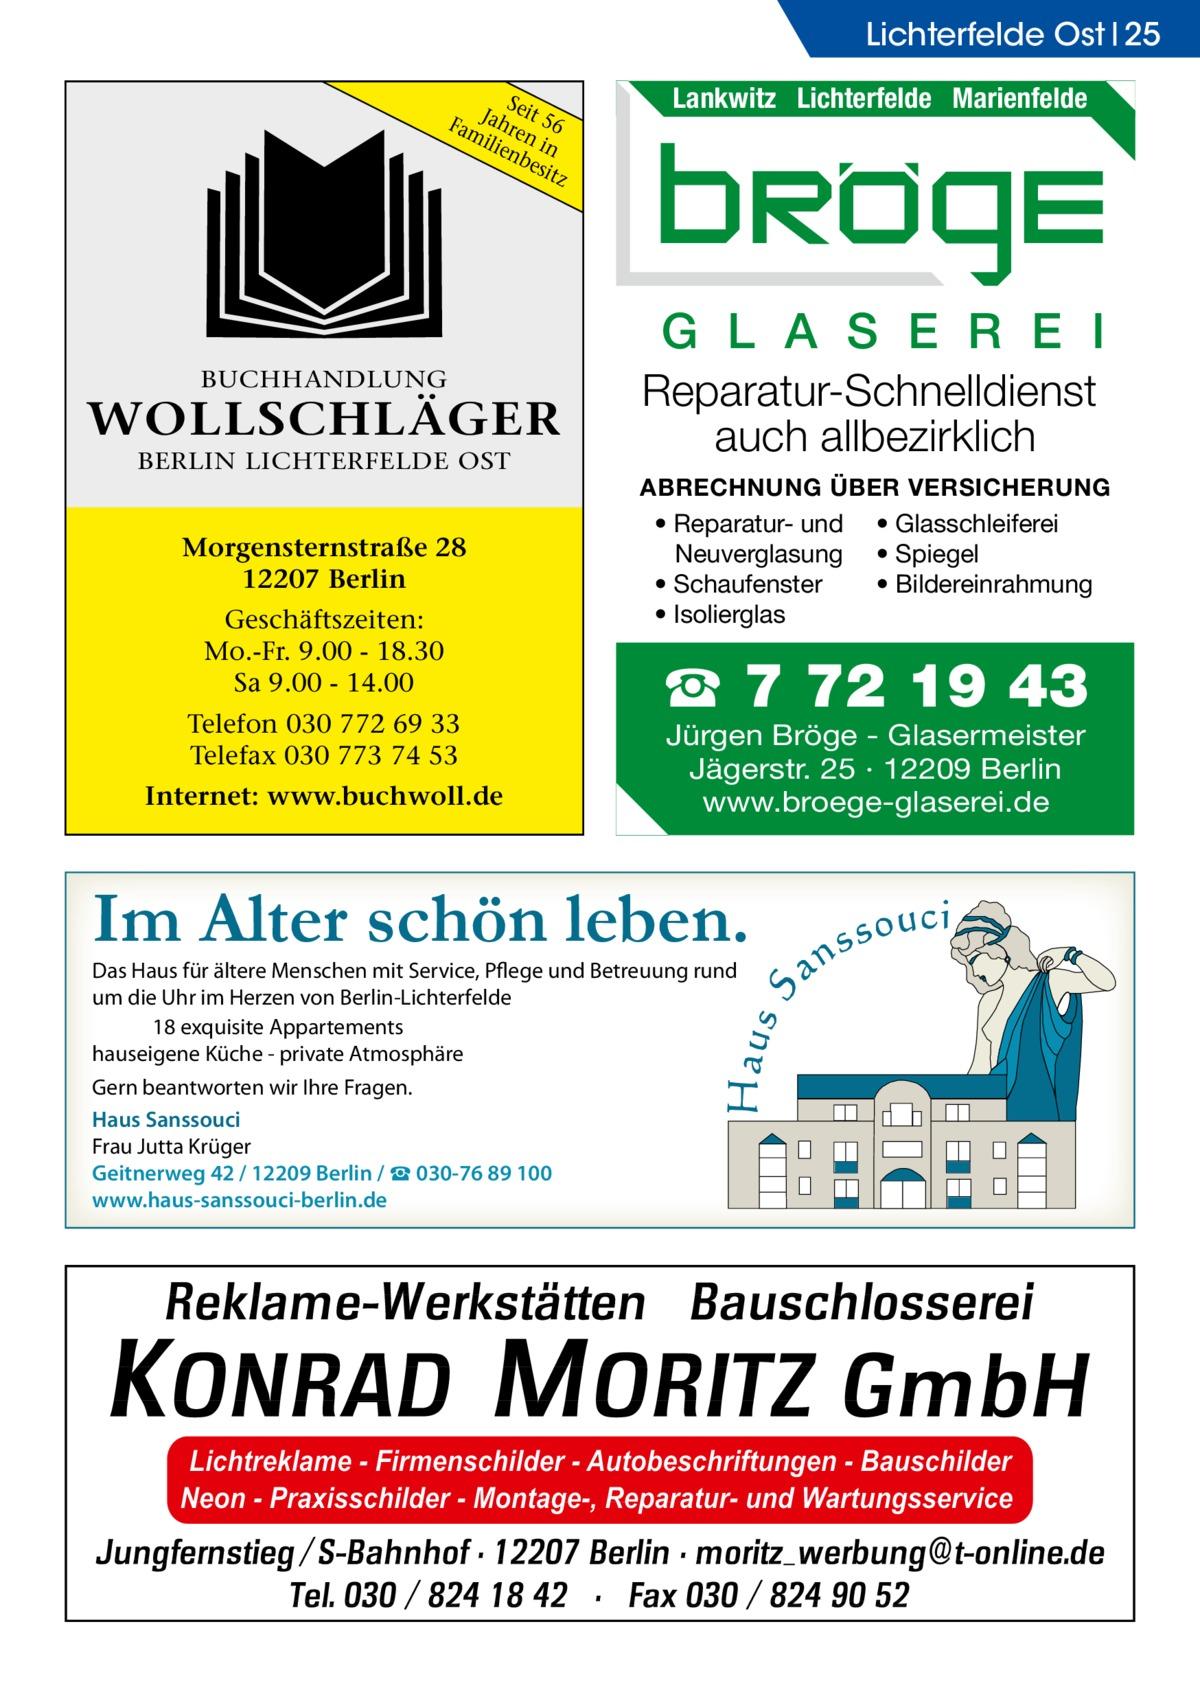 Lichterfelde Ost 25 Sei FamJahre t 56 ilie n in nb esit z  Lankwitz Lichterfelde Marienfelde  G L A S E R E I BUCHHANDLUNG  WOLLSCHLÄGER BERLIN LICHTERFELDE OST  Morgensternstraße 28 12207 Berlin Geschäftszeiten: Mo.-Fr. 9.00 - 18.30 Sa 9.00 - 14.00 Telefon 030 772 69 33 Telefax 030 773 74 53 Internet: www.buchwoll.de  Reparatur-Schnelldienst auch allbezirklich ABRECHNUNG ÜBER VERSICHERUNG • Reparatur- und • Glasschleiferei Neuverglasung • Spiegel • Bildereinrahmung • Schaufenster • Isolierglas  ☎ 7 72 19 43 Jürgen Bröge - Glasermeister Jägerstr. 25 · 12209 Berlin www.broege-glaserei.de  Im Alter schön leben. Das Haus für ältere Menschen mit Service, Pflege und Betreuung rund um die Uhr im Herzen von Berlin-Lichterfelde 18 exquisite Appartements hauseigene Küche - private Atmosphäre Gern beantworten wir Ihre Fragen. Haus Sanssouci Frau Jutta Krüger Geitnerweg 42 / 12209 Berlin / ☎ 030-76 89 100 www.haus-sanssouci-berlin.de